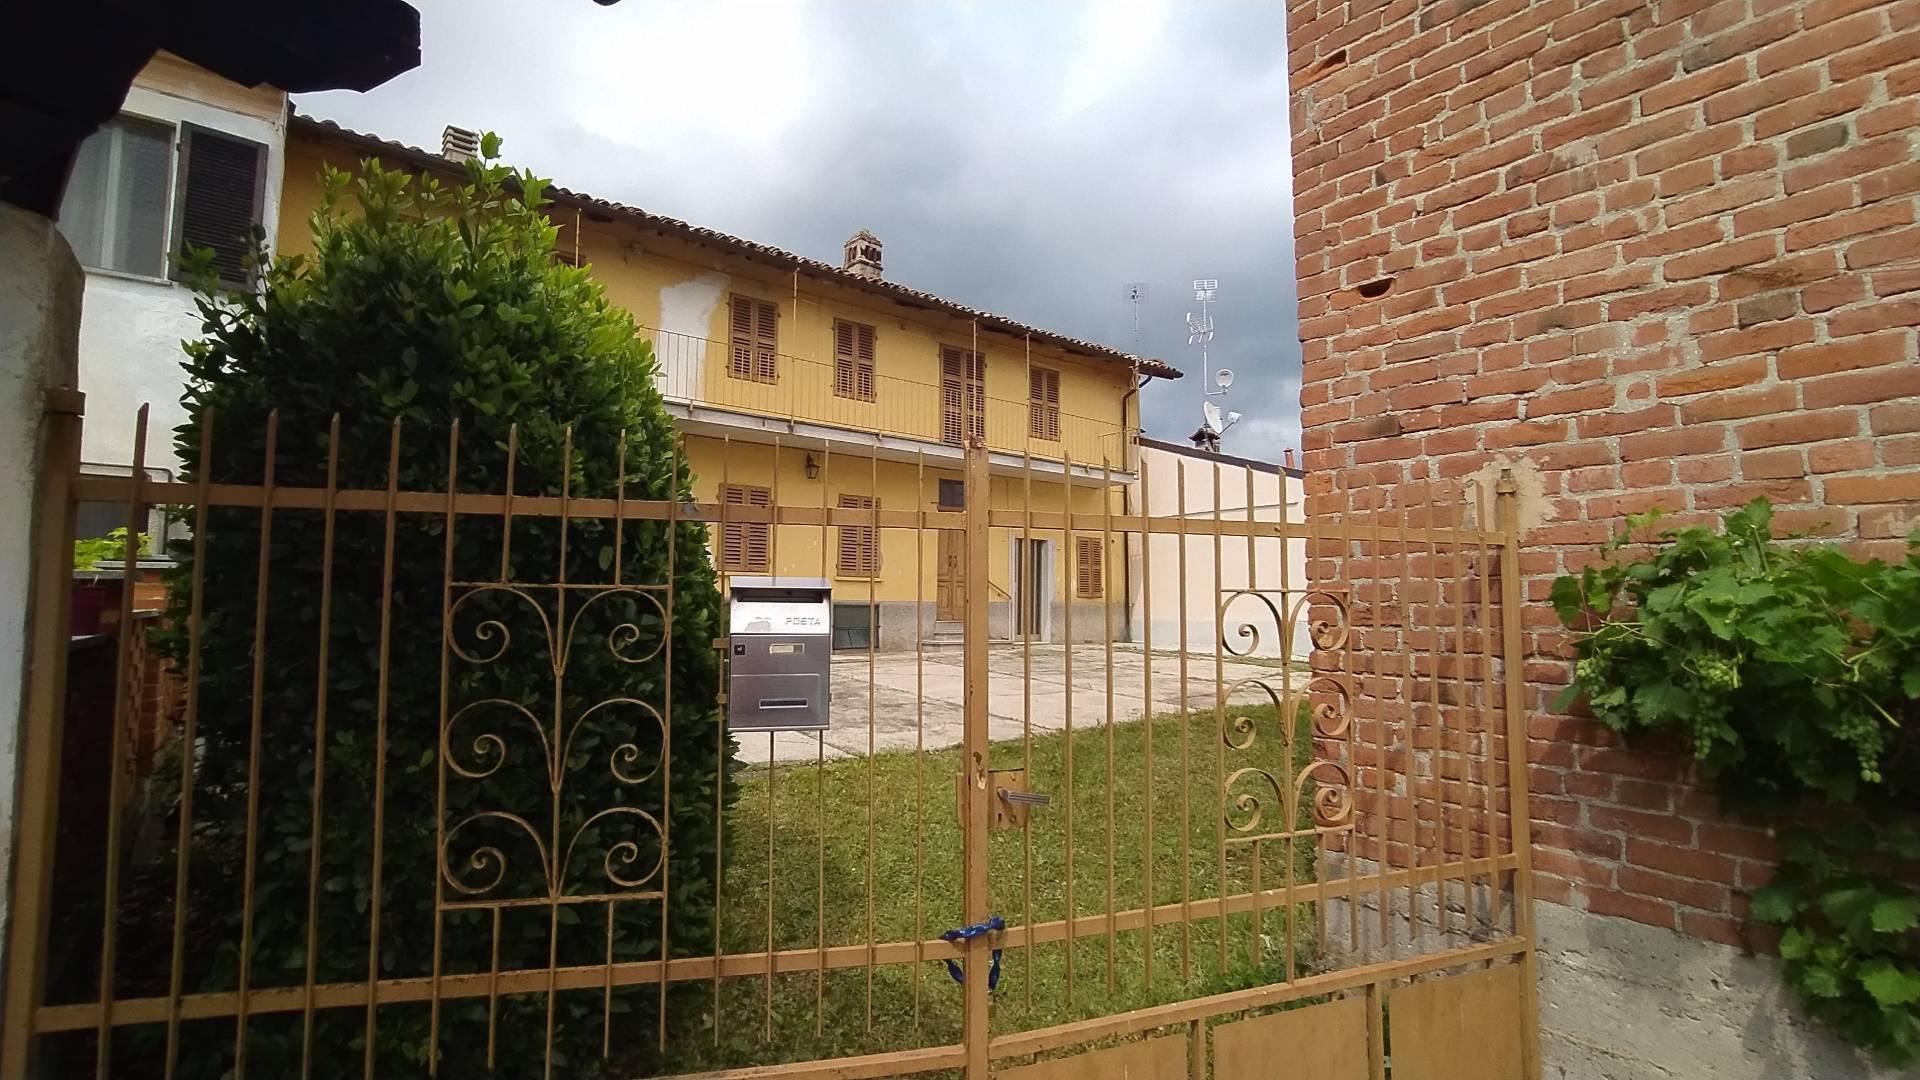 Rustico / Casale in vendita a Camino, 5 locali, prezzo € 30.000 | PortaleAgenzieImmobiliari.it